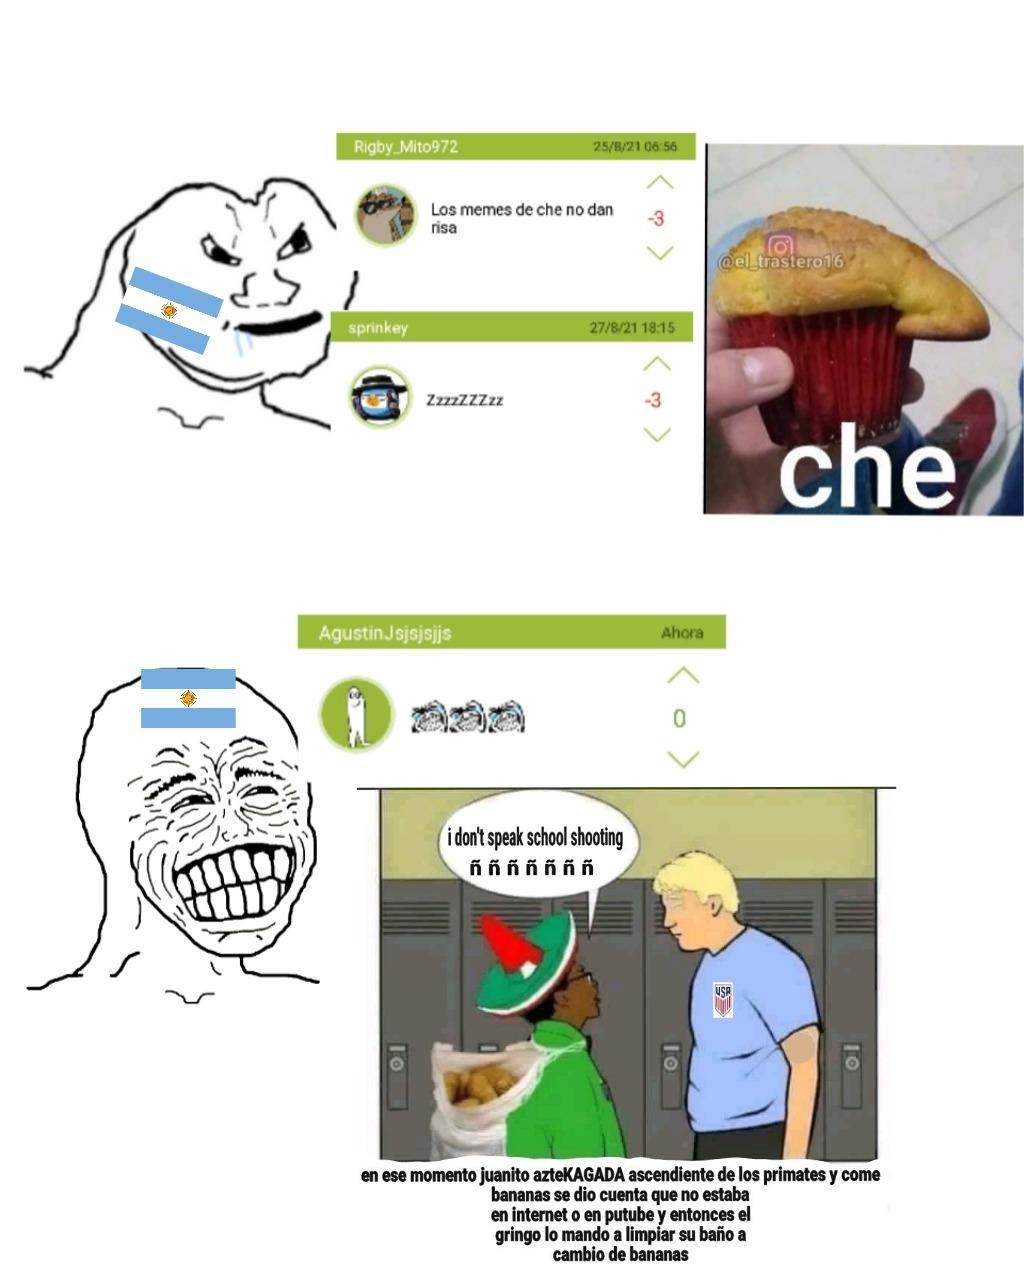 Solo argentinos ardidos nada más que decir - meme